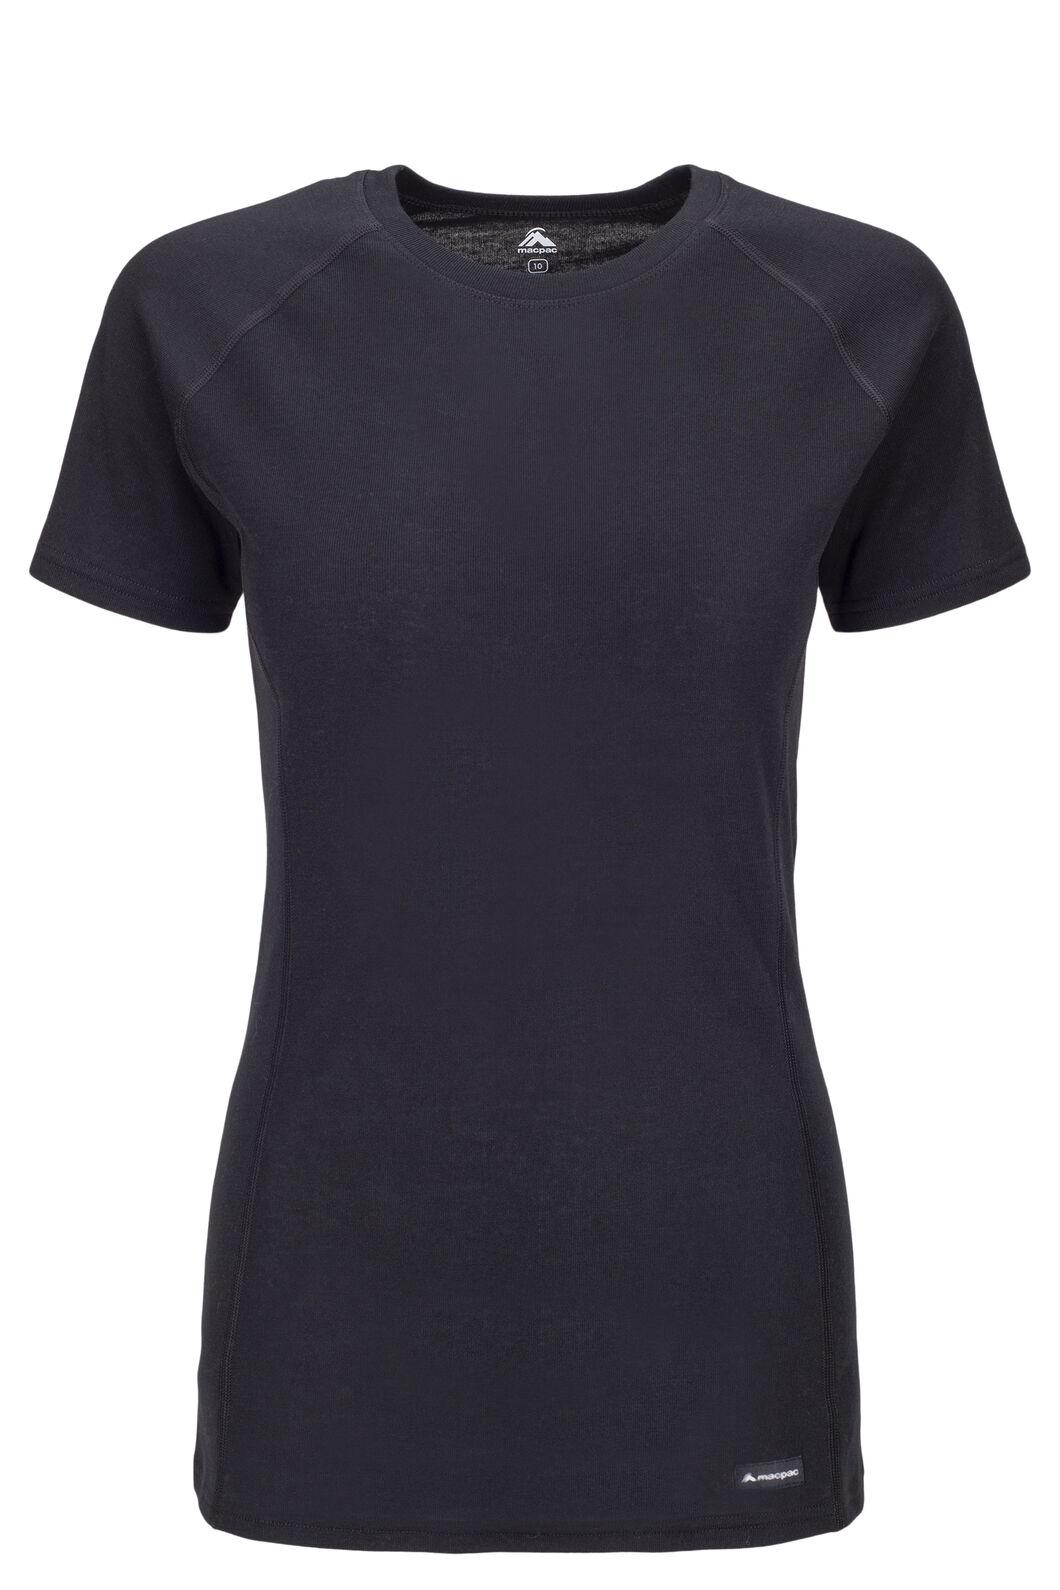 Macpac Geothermal Short Sleeve Tee — Women's, Black, hi-res